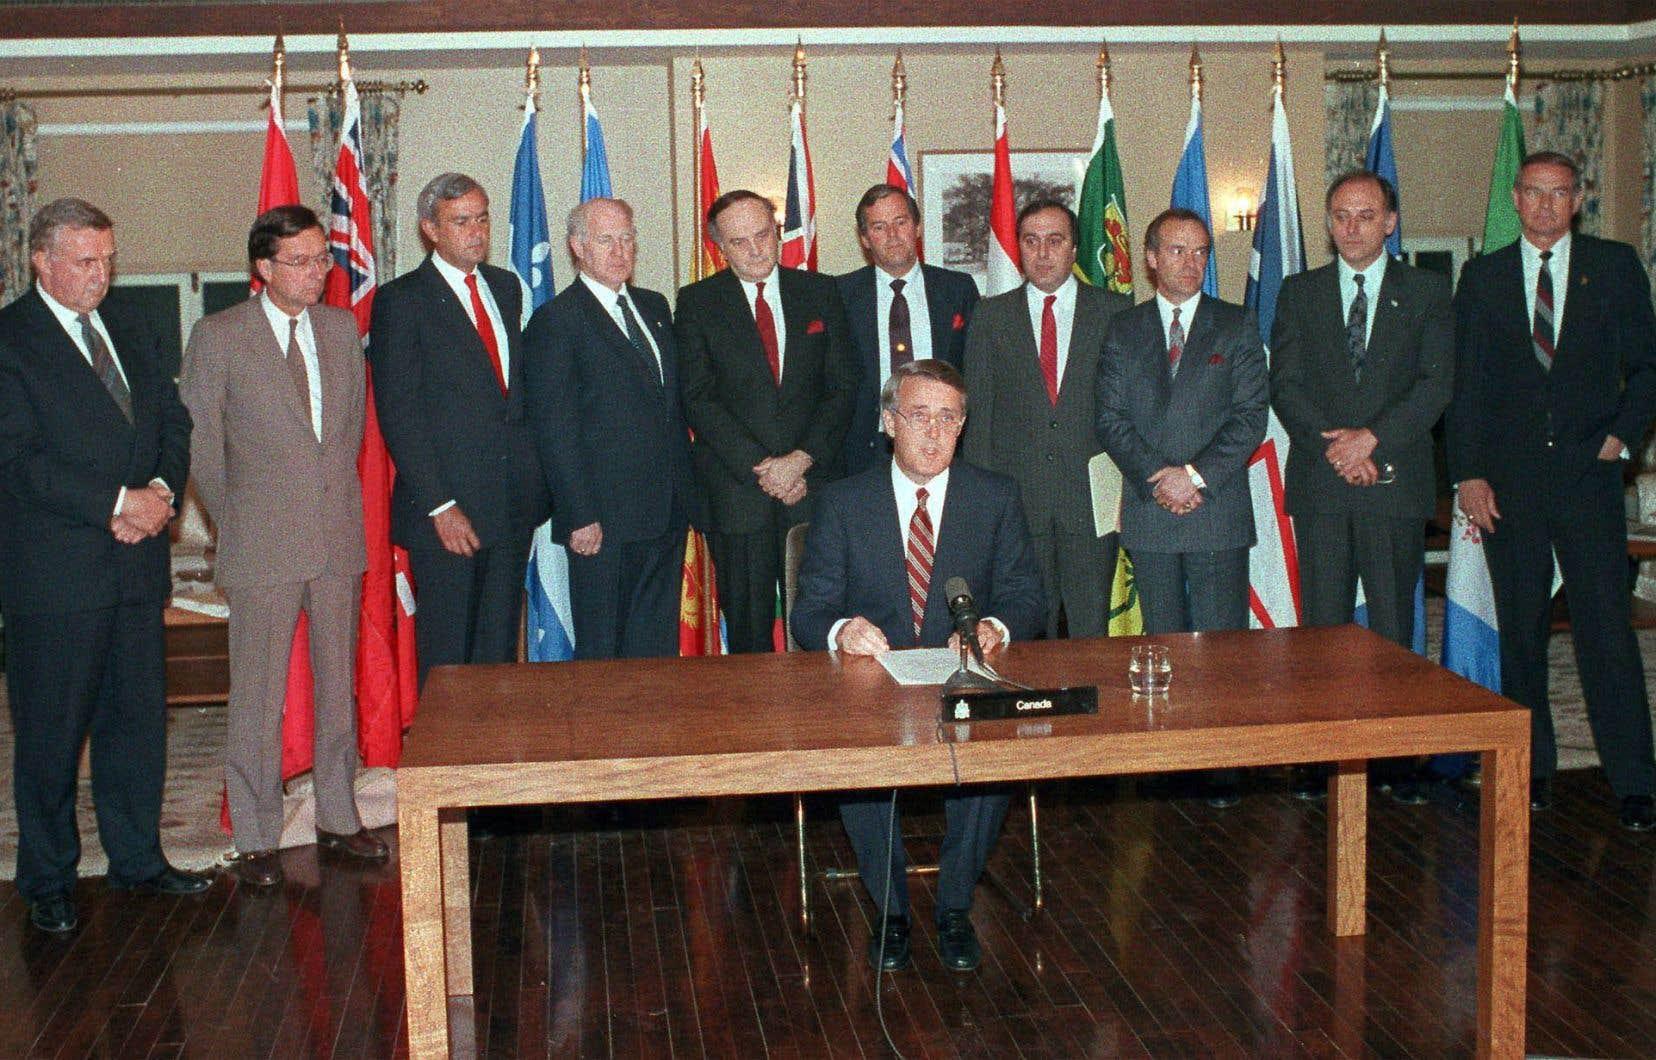 En plus de reconnaître que le Québec forme au sein du Canada une société distincte, l'accord du lac Meech garantit la présence de trois juges du Québec à la Cour suprême et la désignation de 24 sénateurs du Québec, et ce, à partir de listes de candidats soumises par le gouvernement québécois.